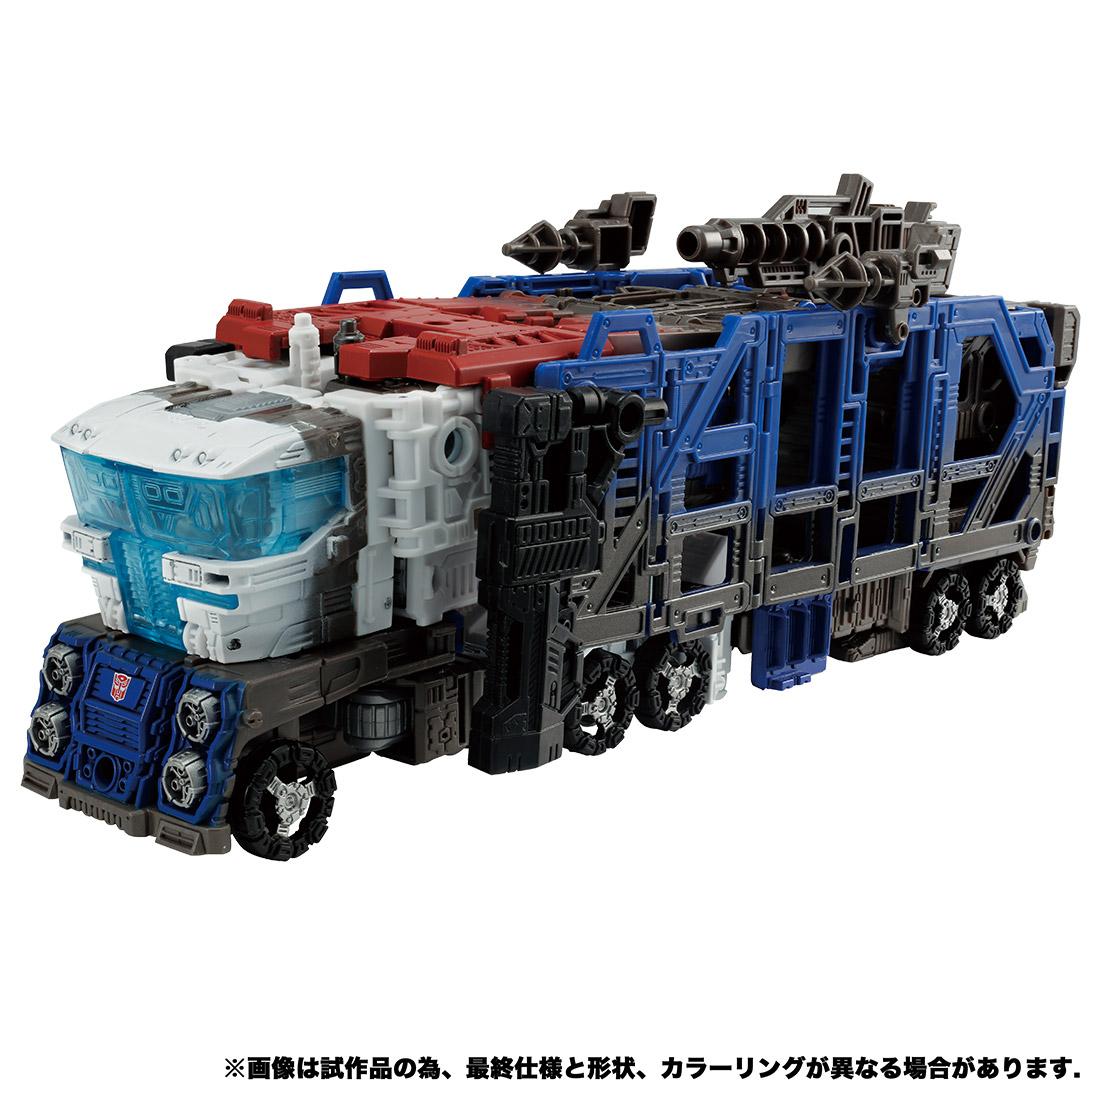 トランスフォーマー ウォーフォーサイバトロン『WFC-08 ウルトラマグナス』可変可動フィギュア-002